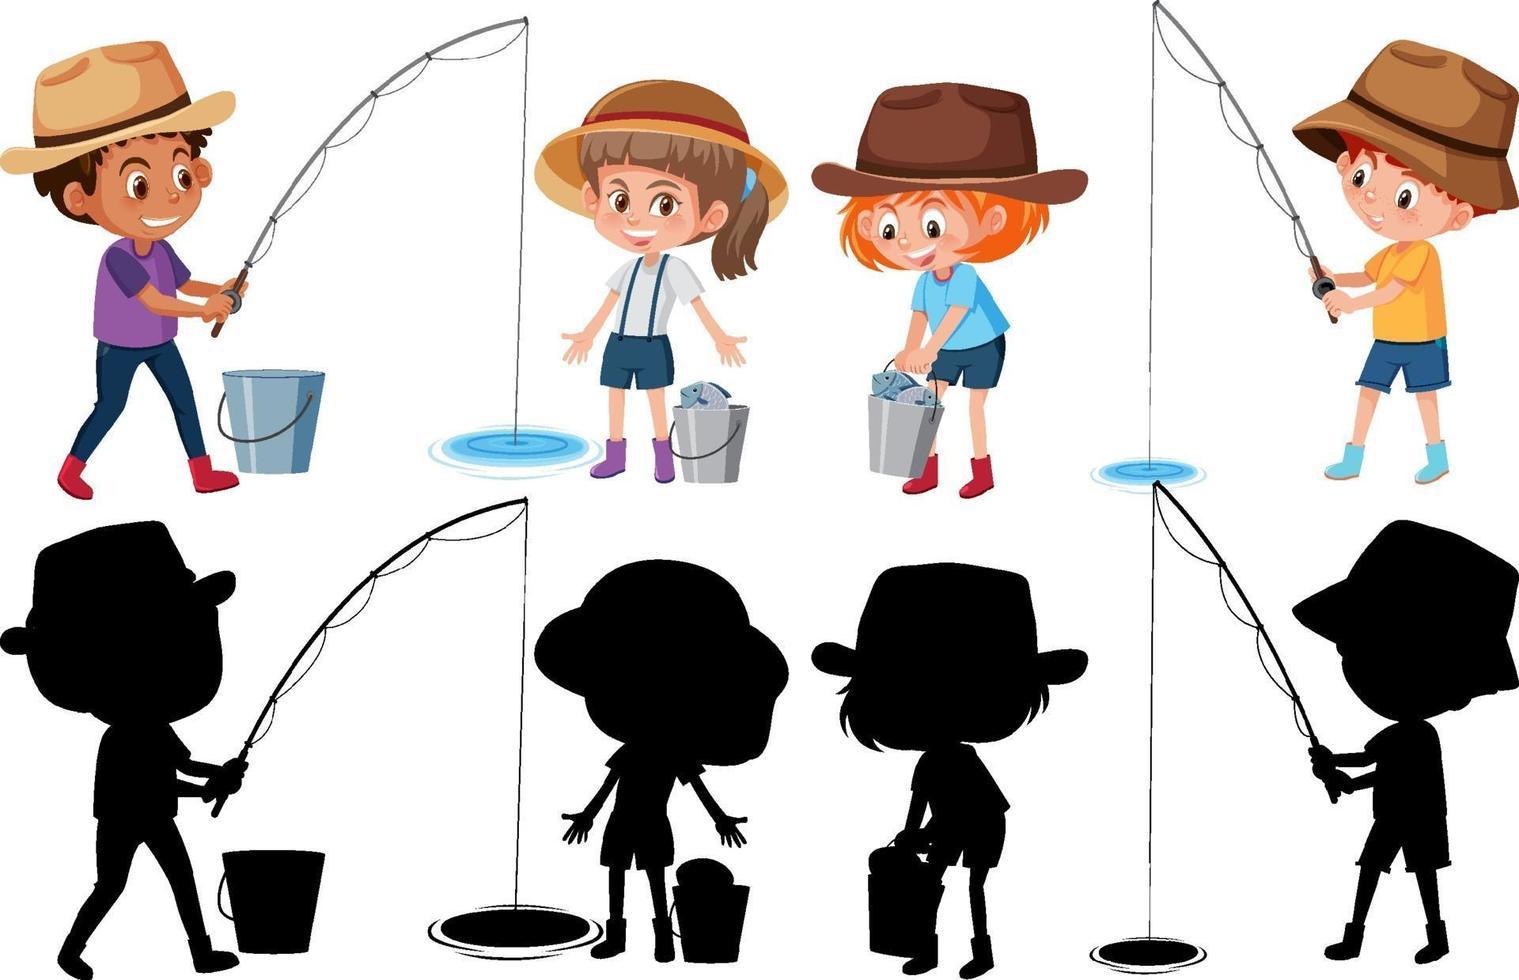 uppsättning olika barn som fiskar tecknad karaktär på vit bakgrund vektor